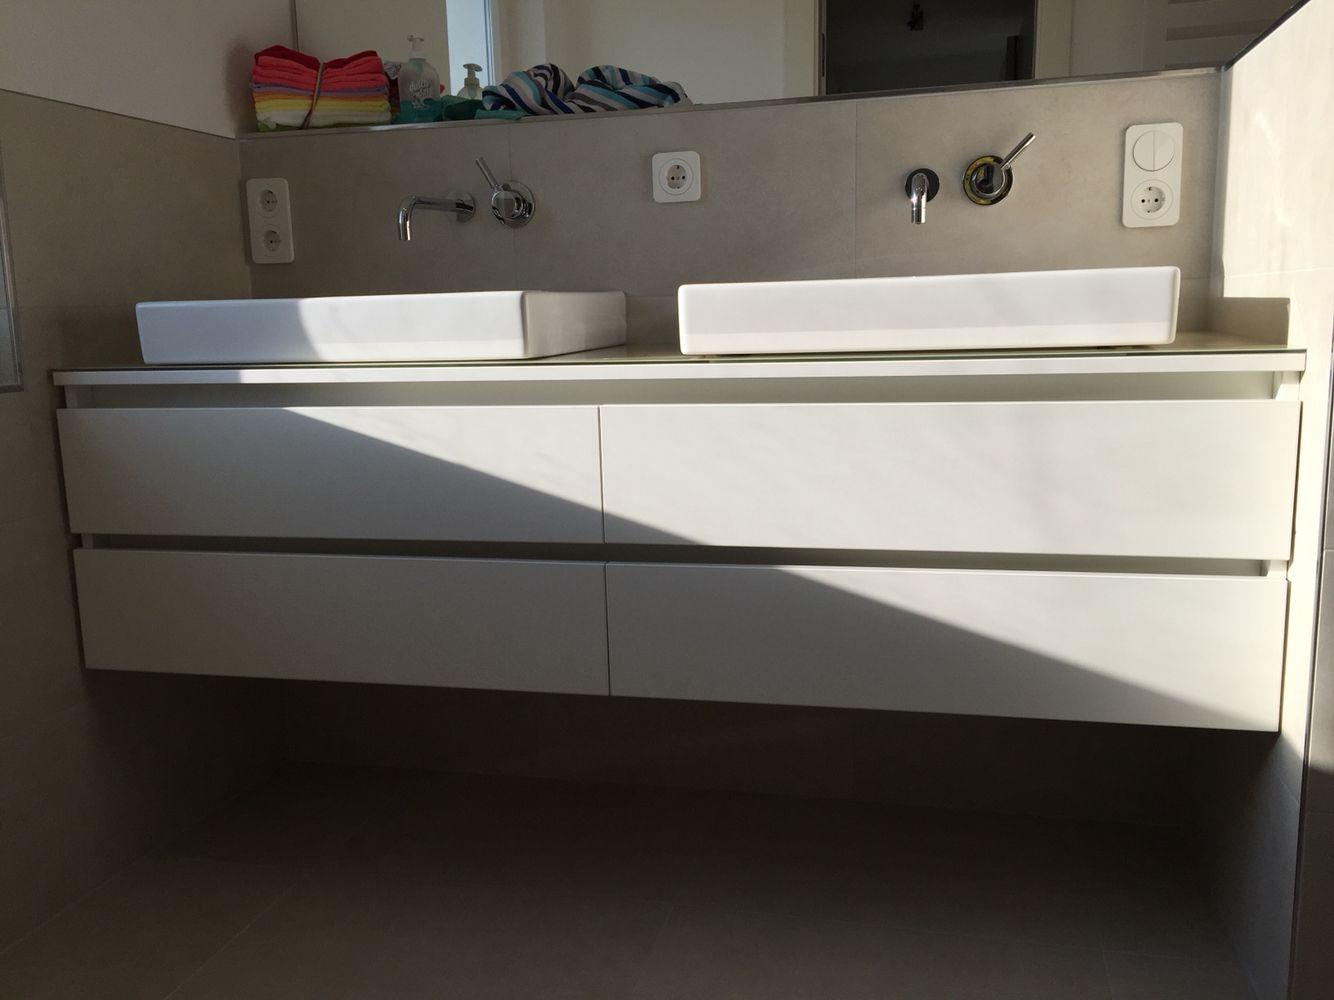 Waschtisch Unterschrank Mit Griffmulden Mit Glas Aufsatzplatte Und Zwei Keramag Waschbecken In Die N Waschbecken Badezimmer Waschbecken Badezimmer Unterschrank